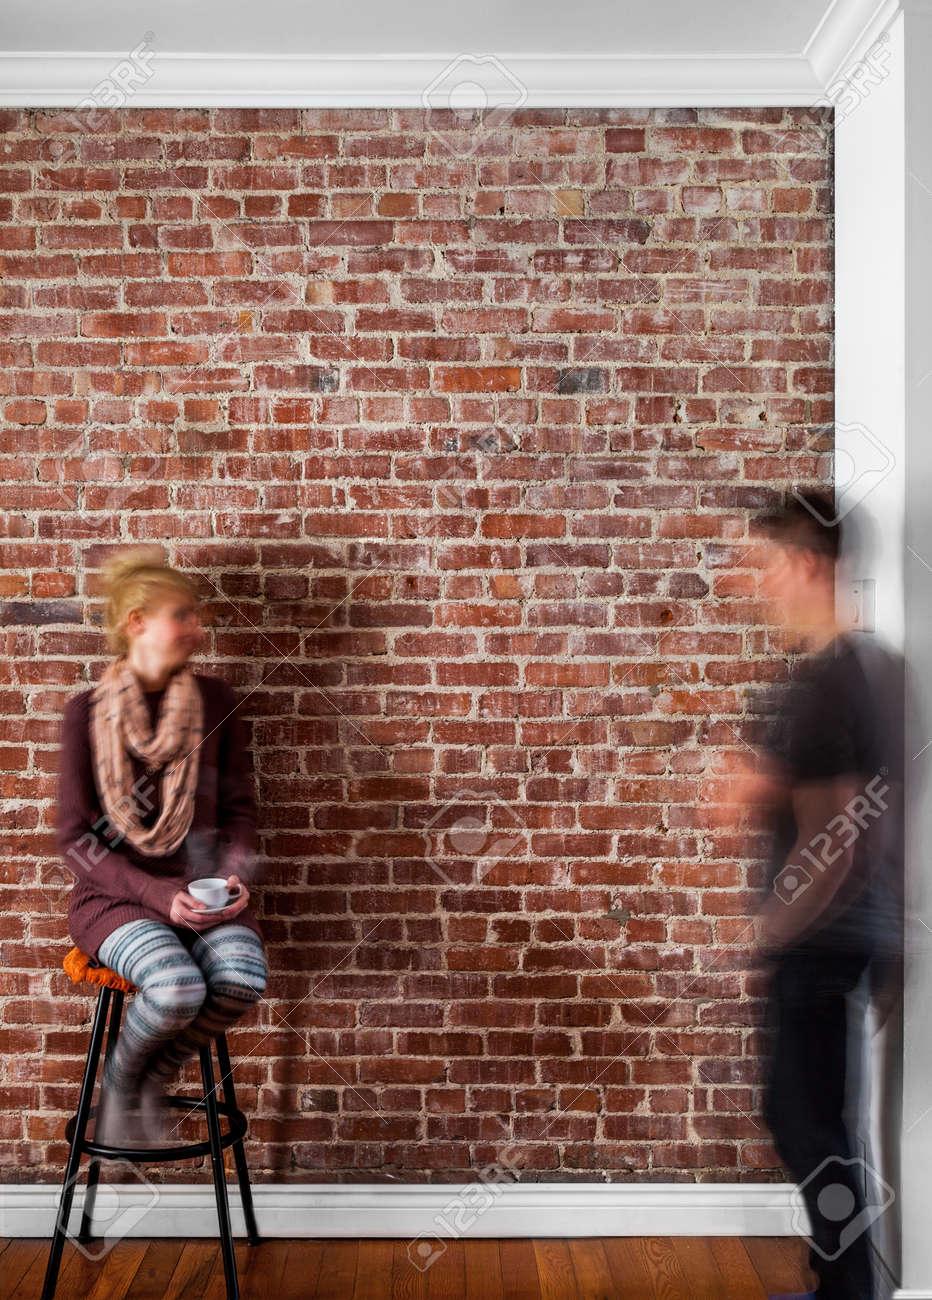 Undeutliche Paare Vor Einer Flachen Backsteinmauer-Perspektive ...